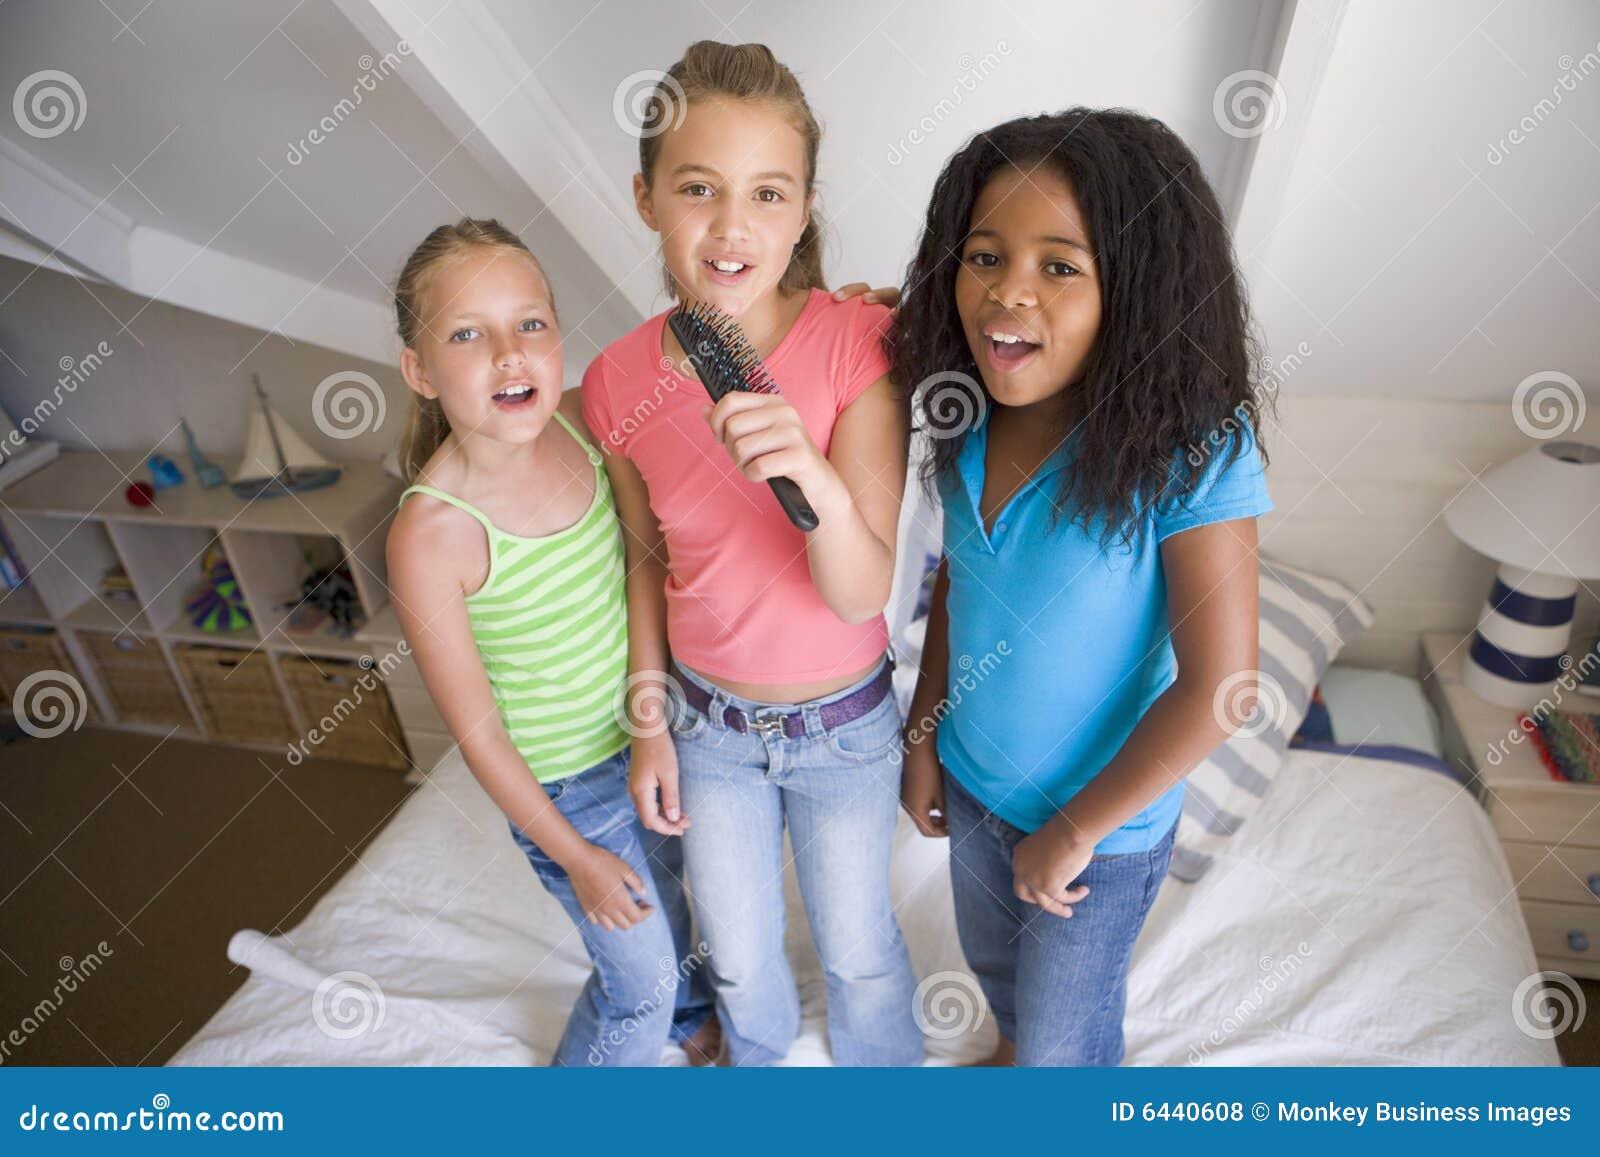 drei junge m dchen die auf einem bett stehen stockfoto bild von kind nachgemacht 6440608. Black Bedroom Furniture Sets. Home Design Ideas